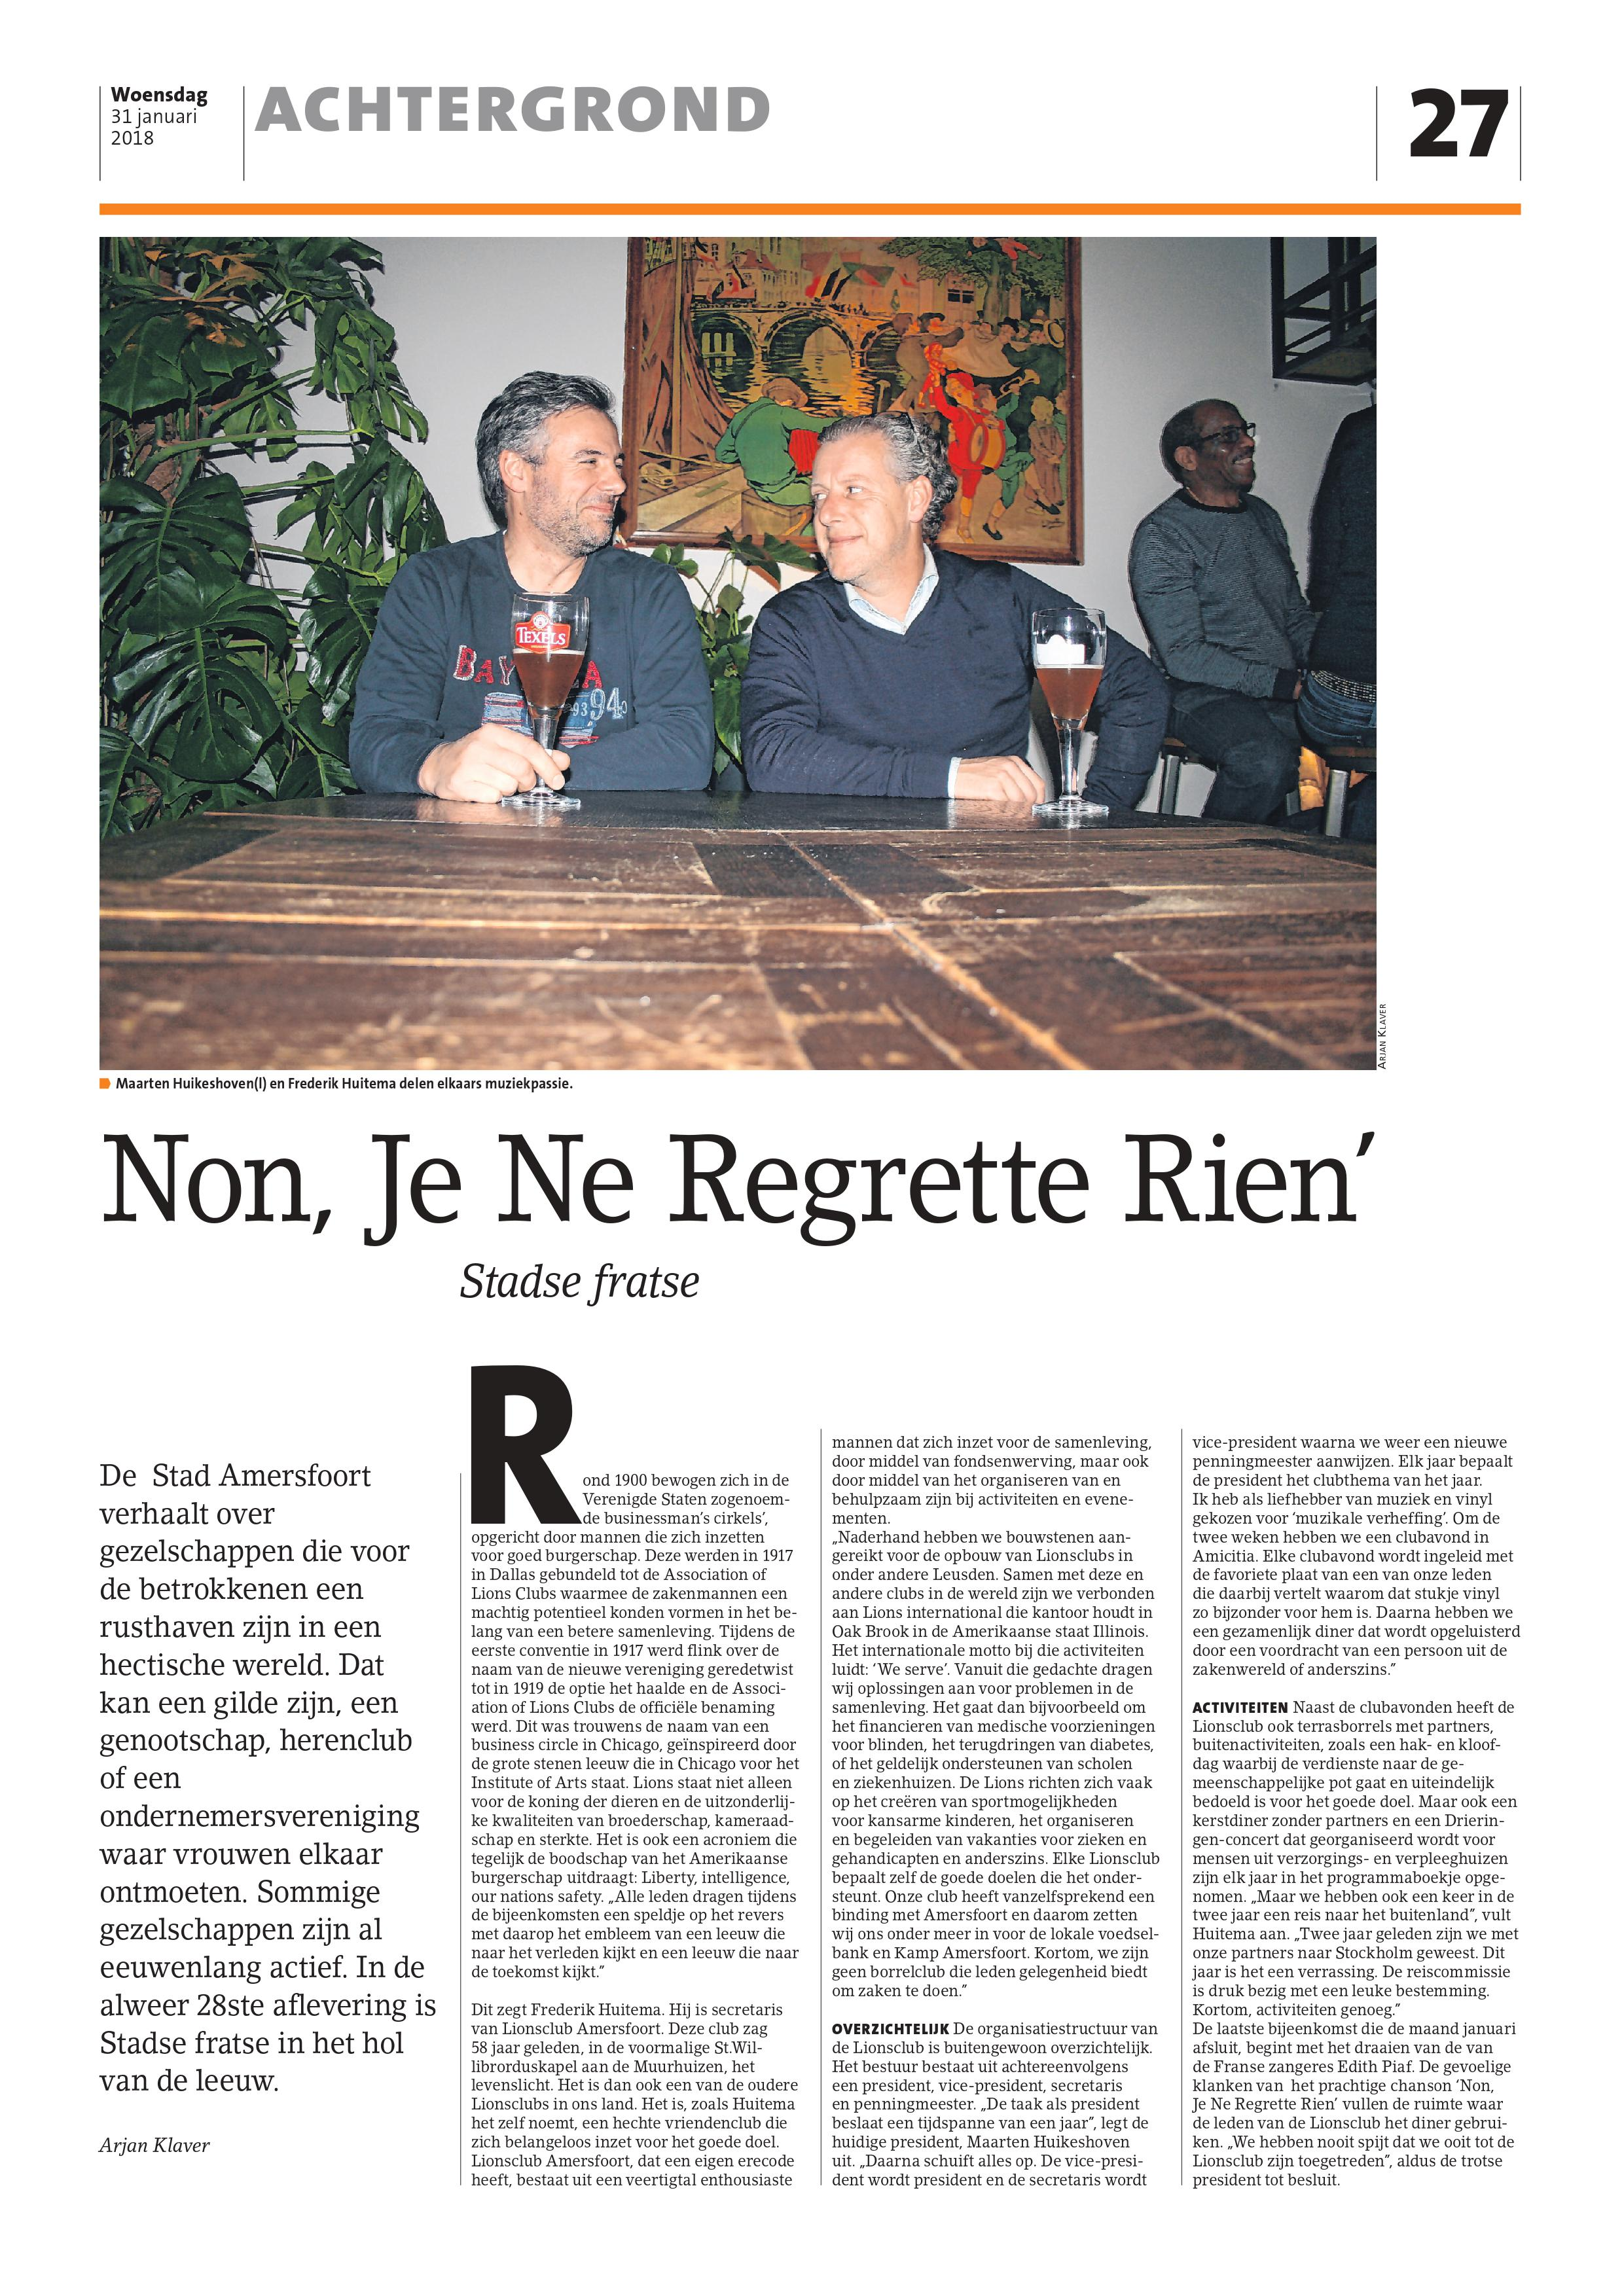 Lionsclub Amersfoort in de pers